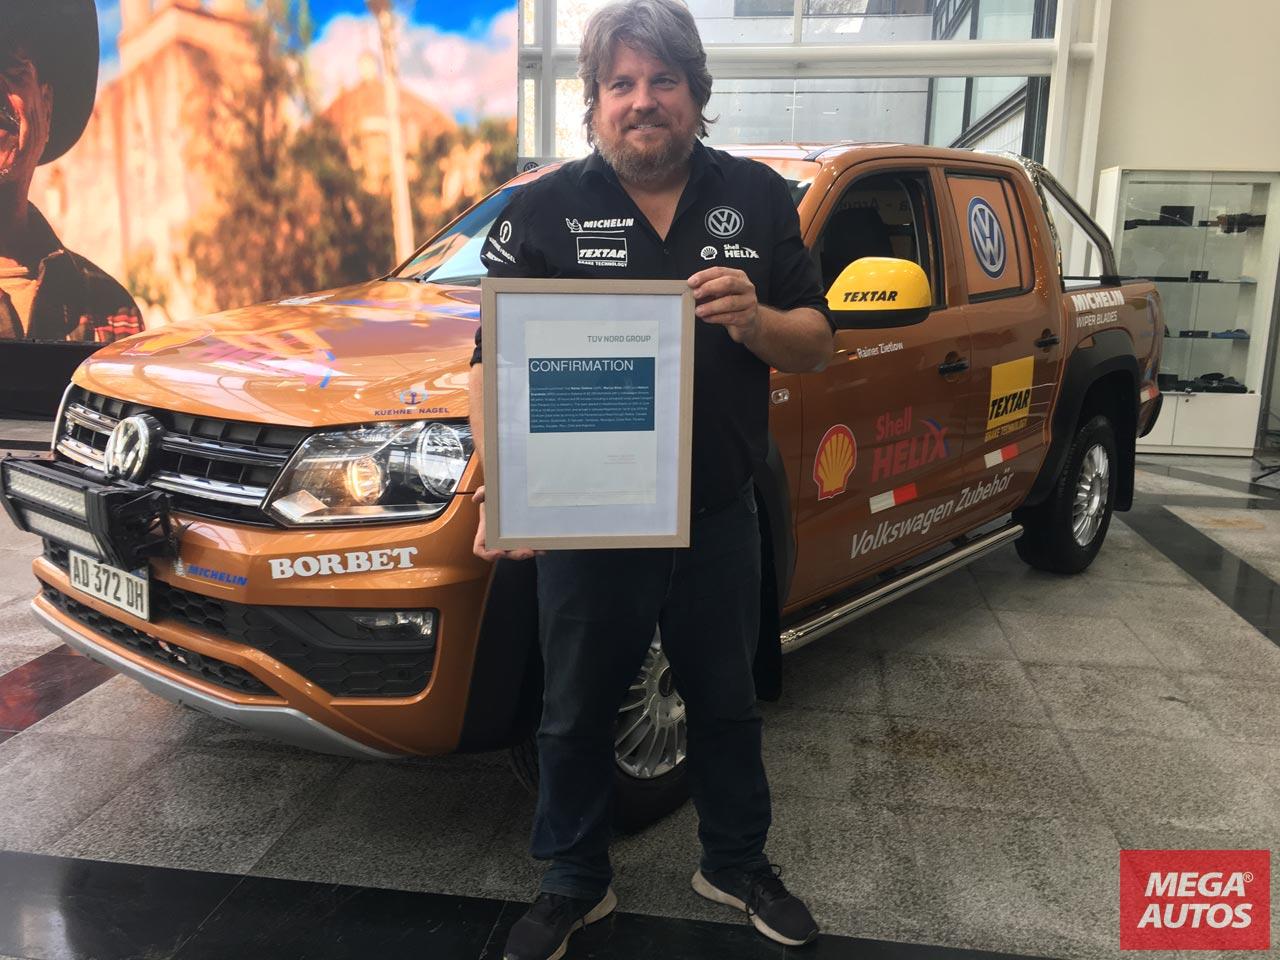 Rainer Zietlow con el certificado de la organización de control de calidad TÜV Nord.